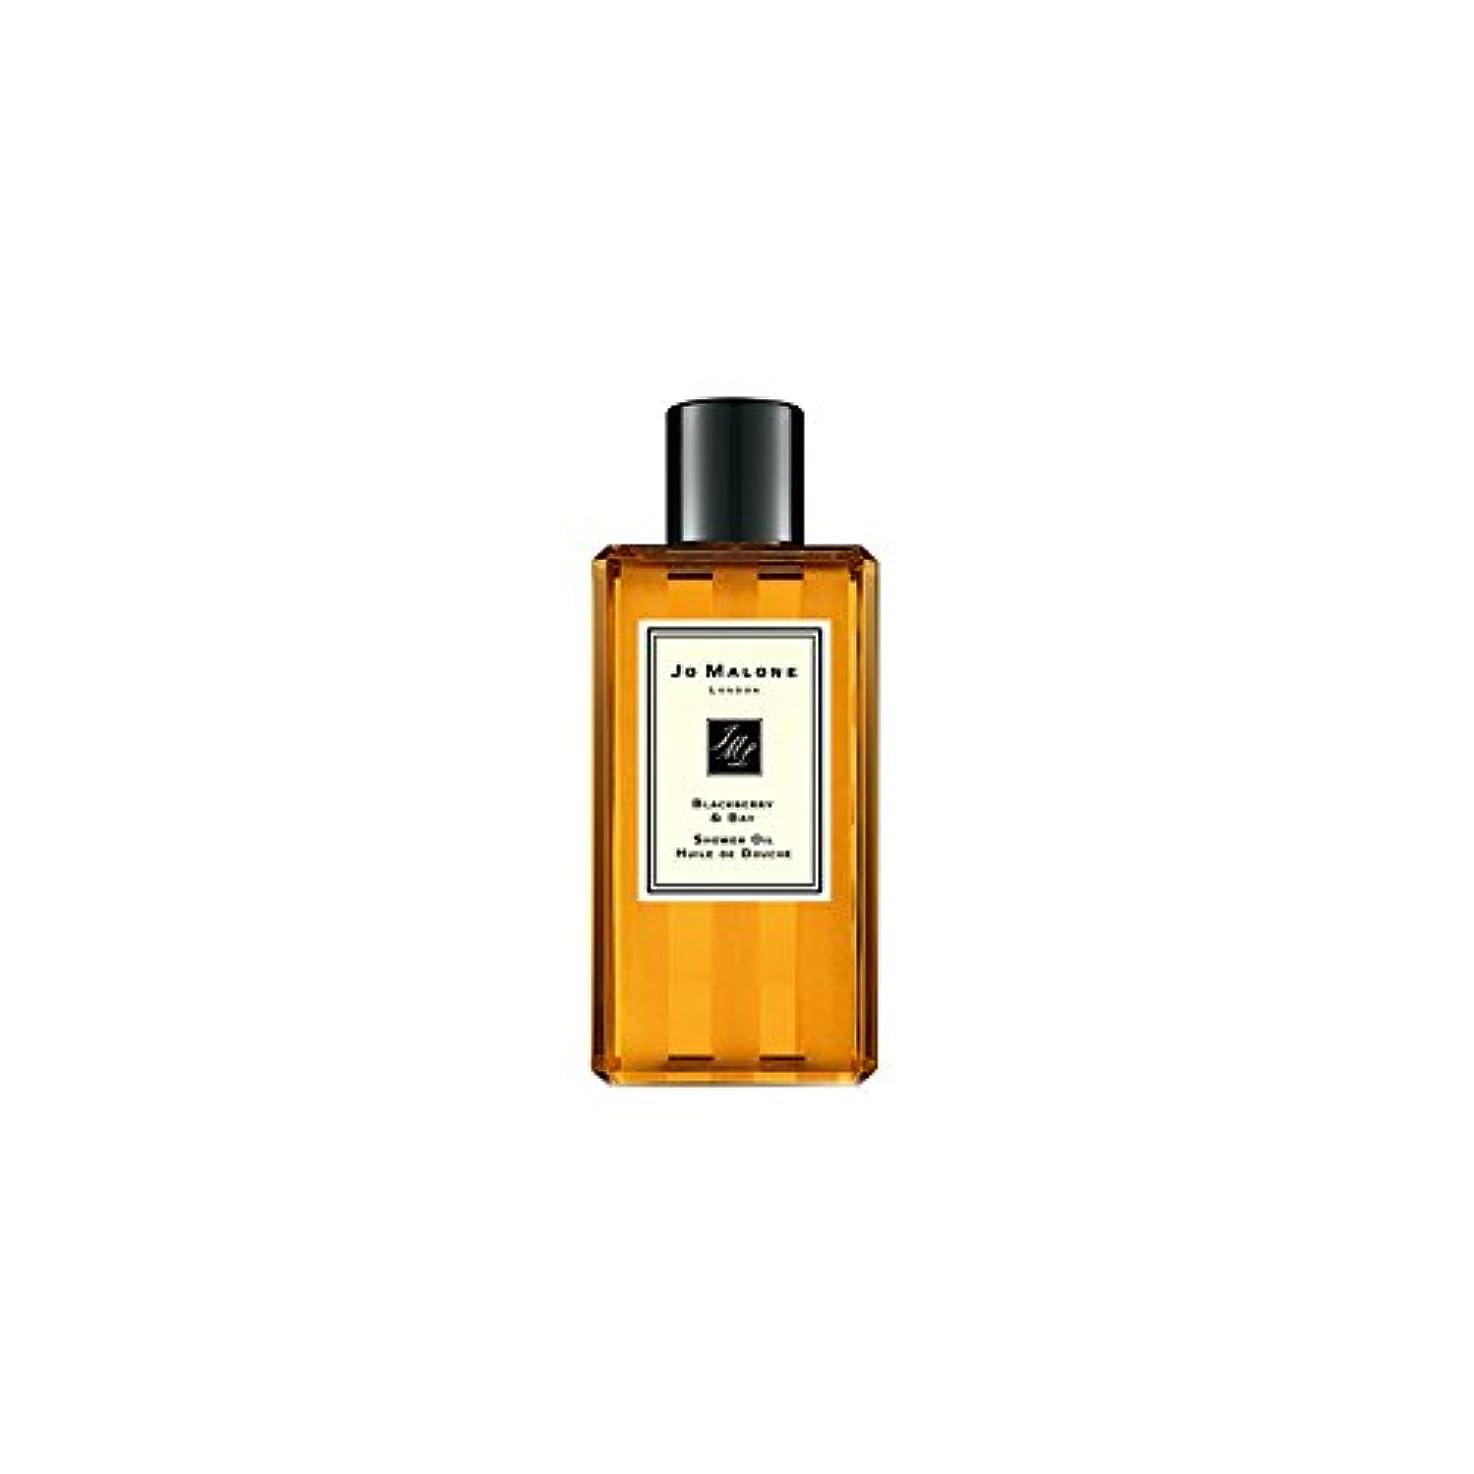 手順流用する圧倒的Jo Malone Blackberry & Bay Shower Oil - 250ml (Pack of 6) - ジョーマローンブラックベリー&ベイシャワーオイル - 250ミリリットル (x6) [並行輸入品]